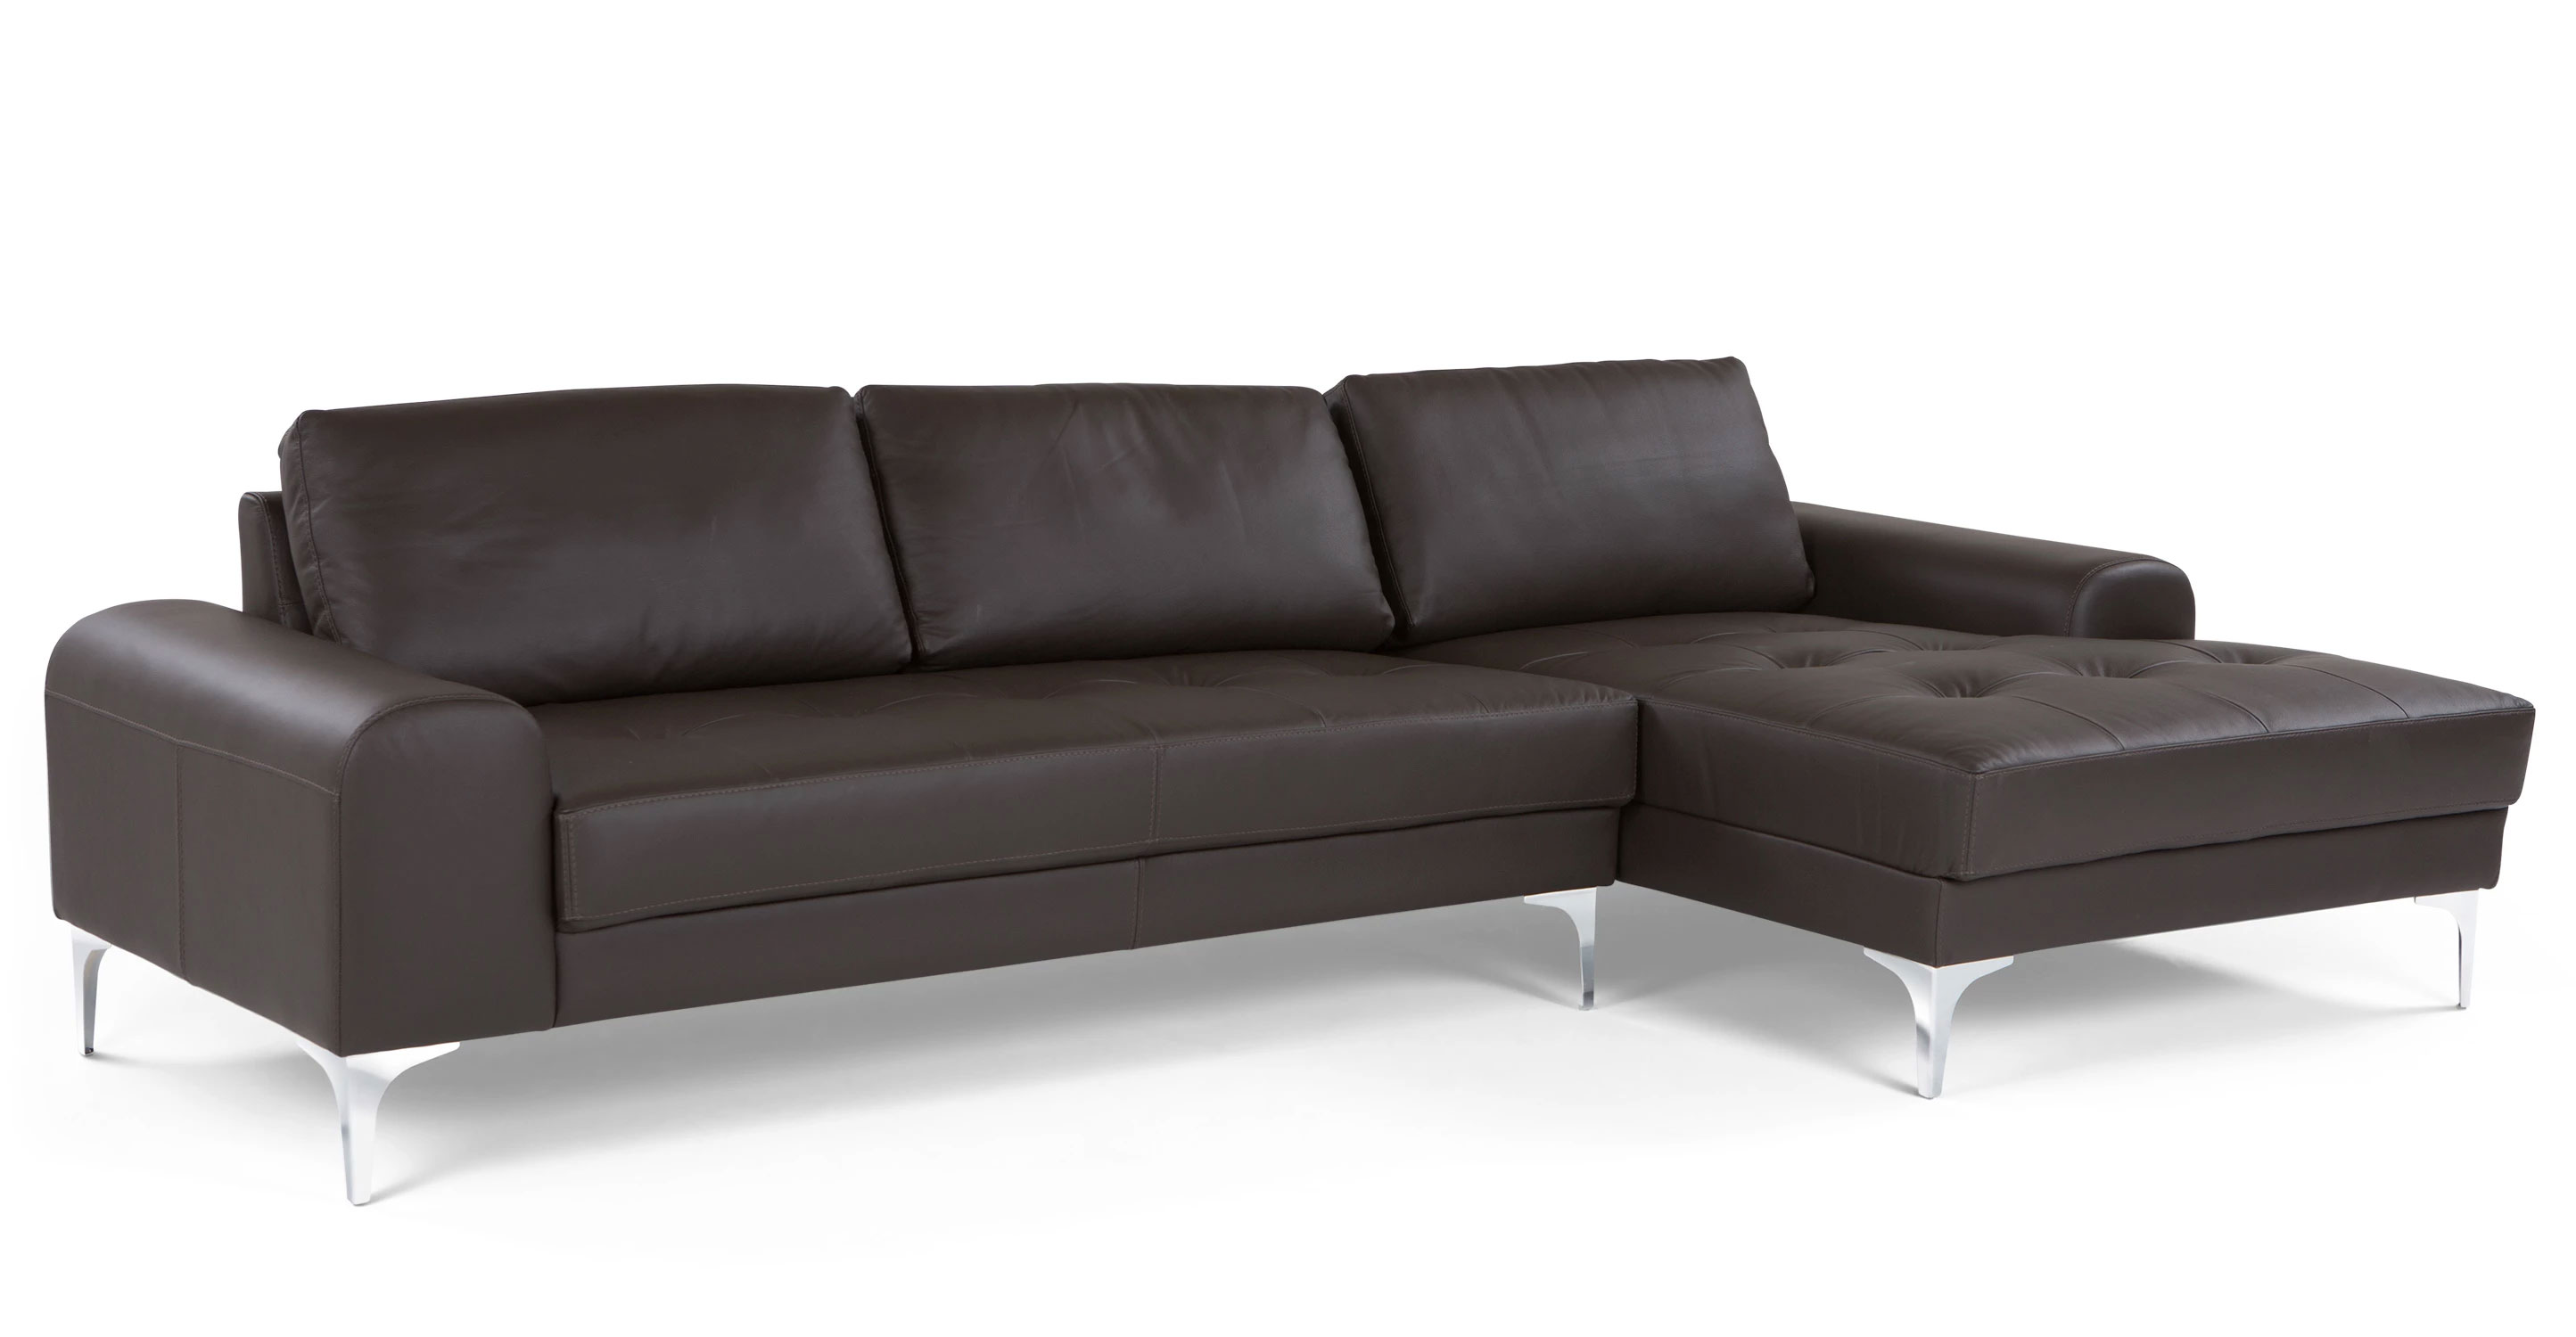 Lesley Bedroom Furniture Collection Sofasale Blog Sofasale Blog